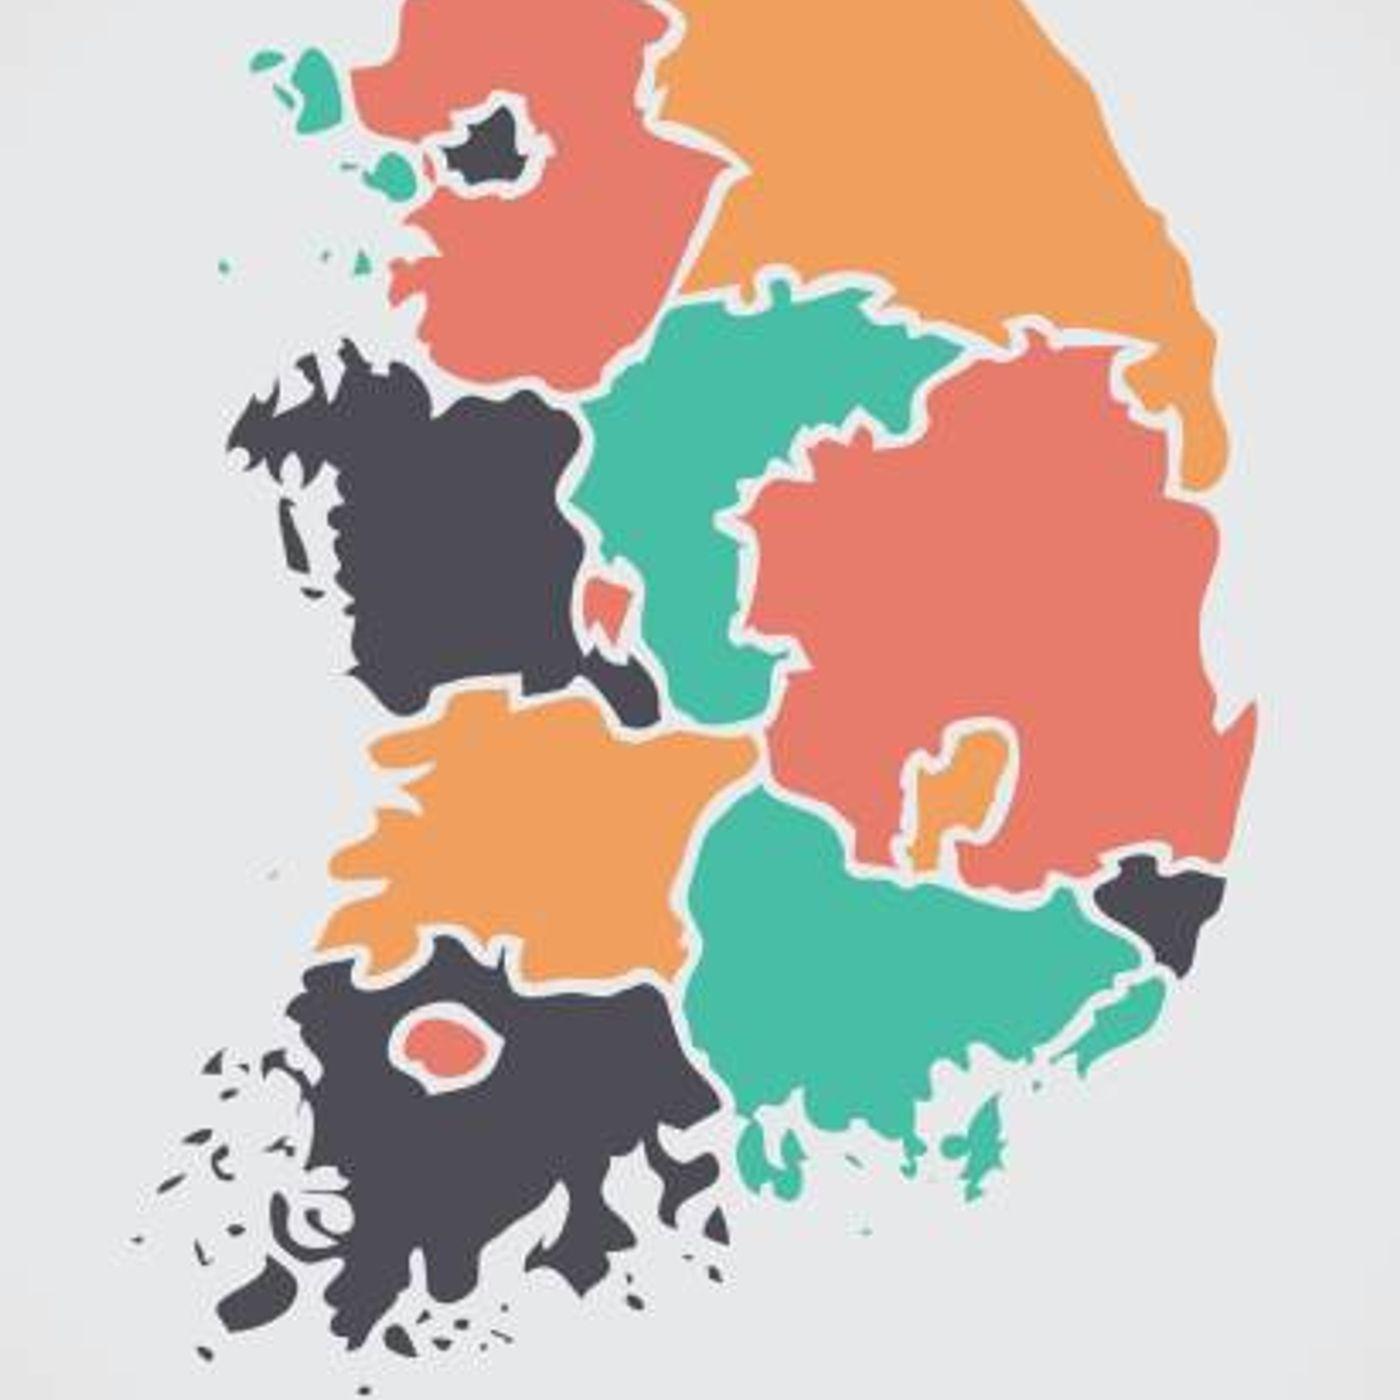 Towards a Neutral South Korea